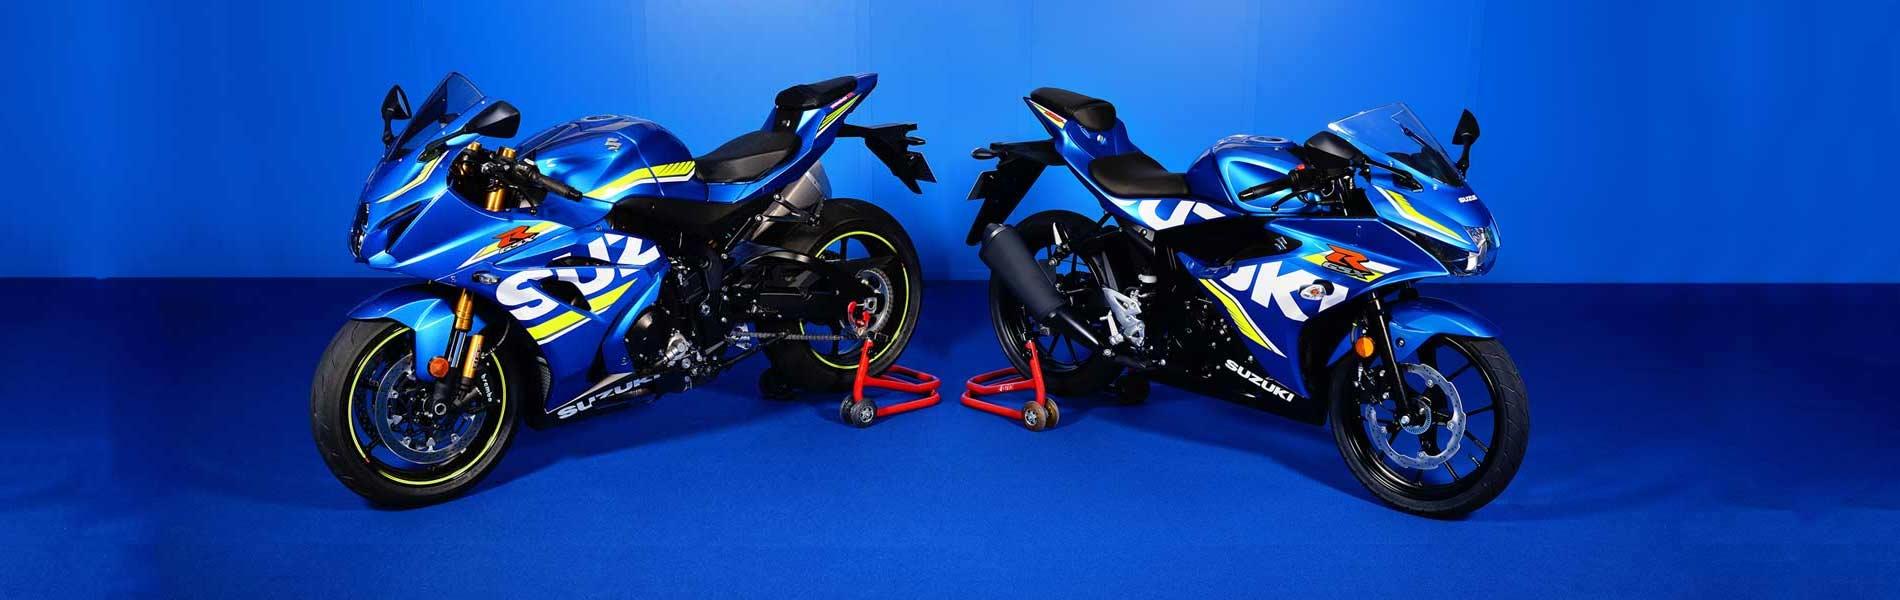 buy suzuki gsx-r125 motorbike